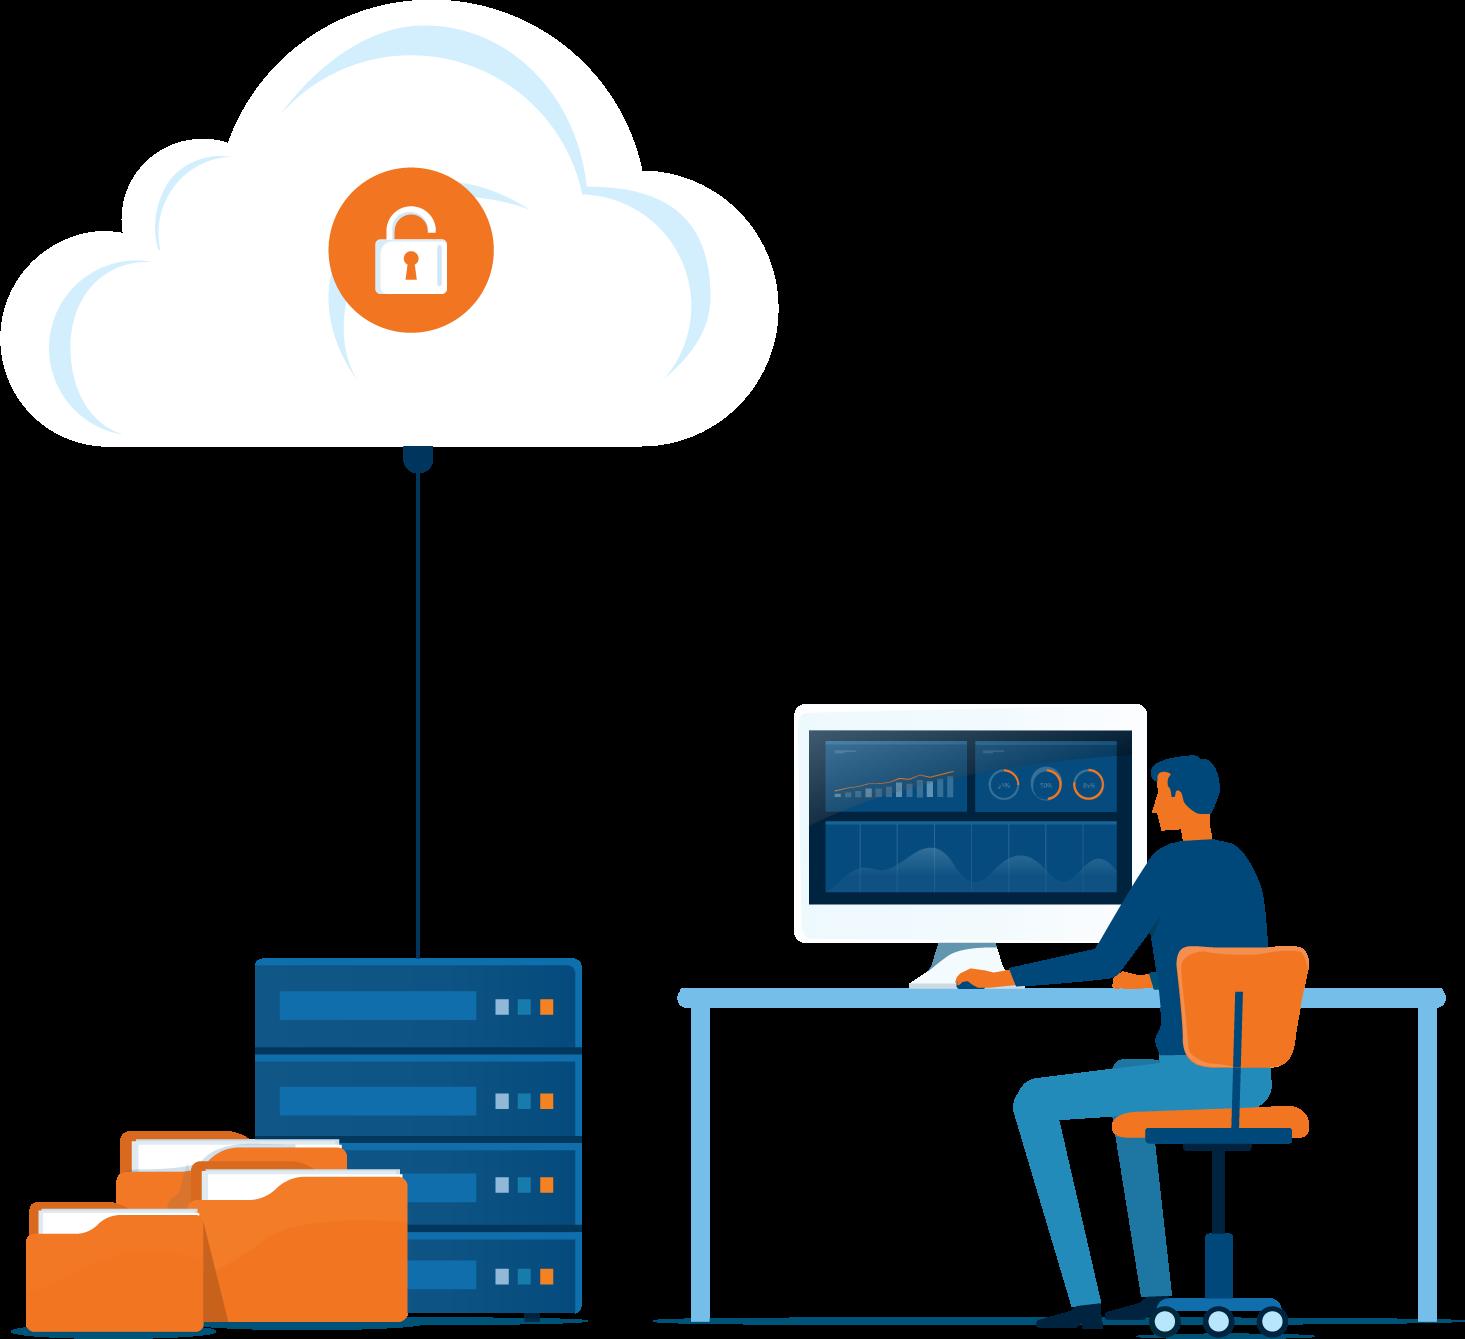 Hosted desktops security